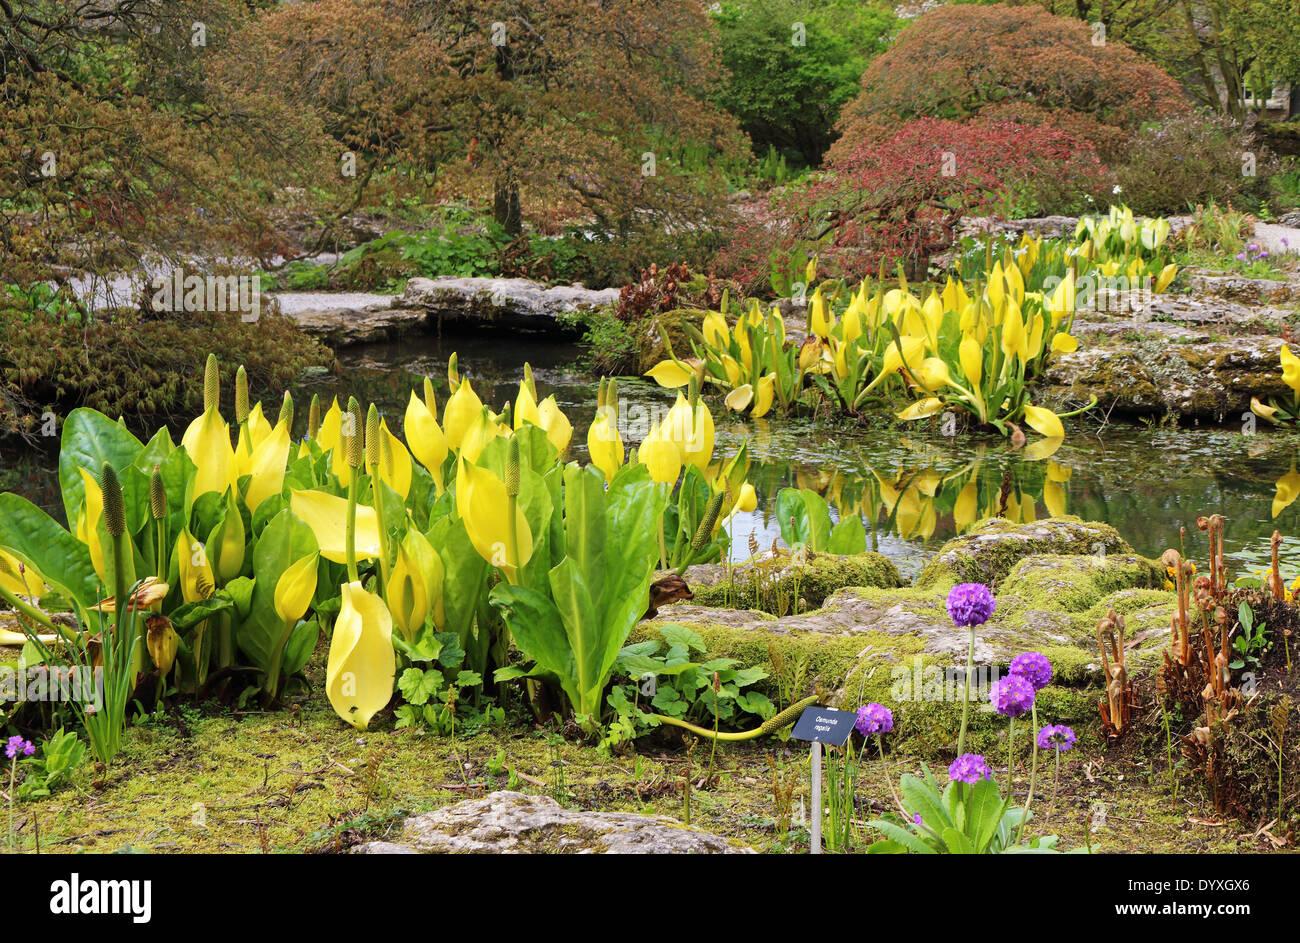 Garten Steingarten Mit Teich Stockfotos Garten Steingarten Mit